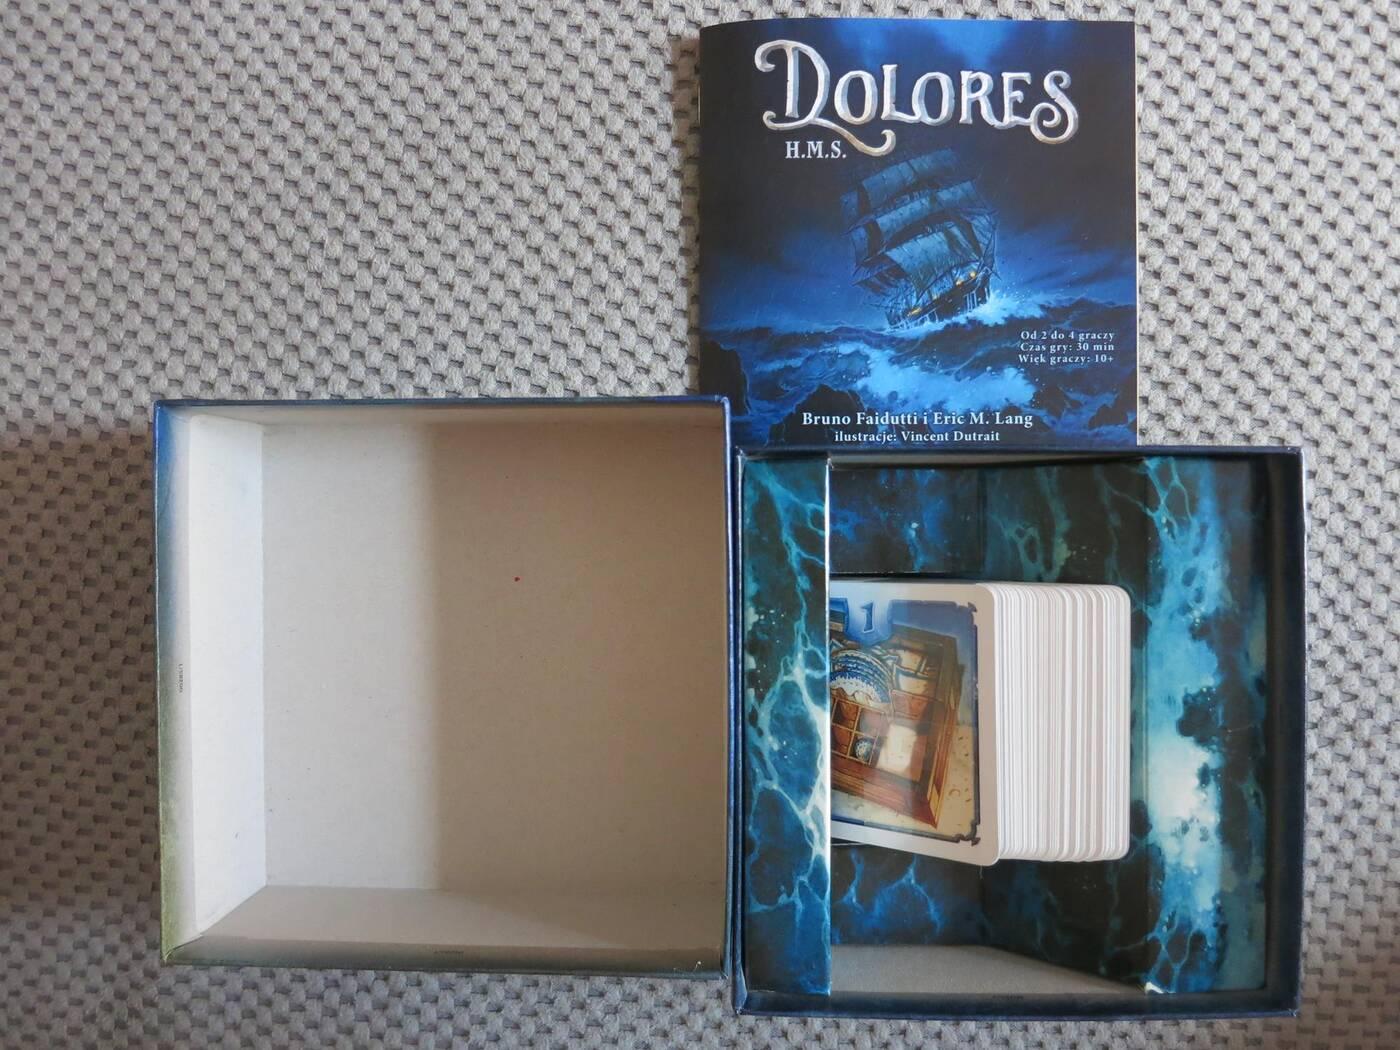 Dolores zawartość